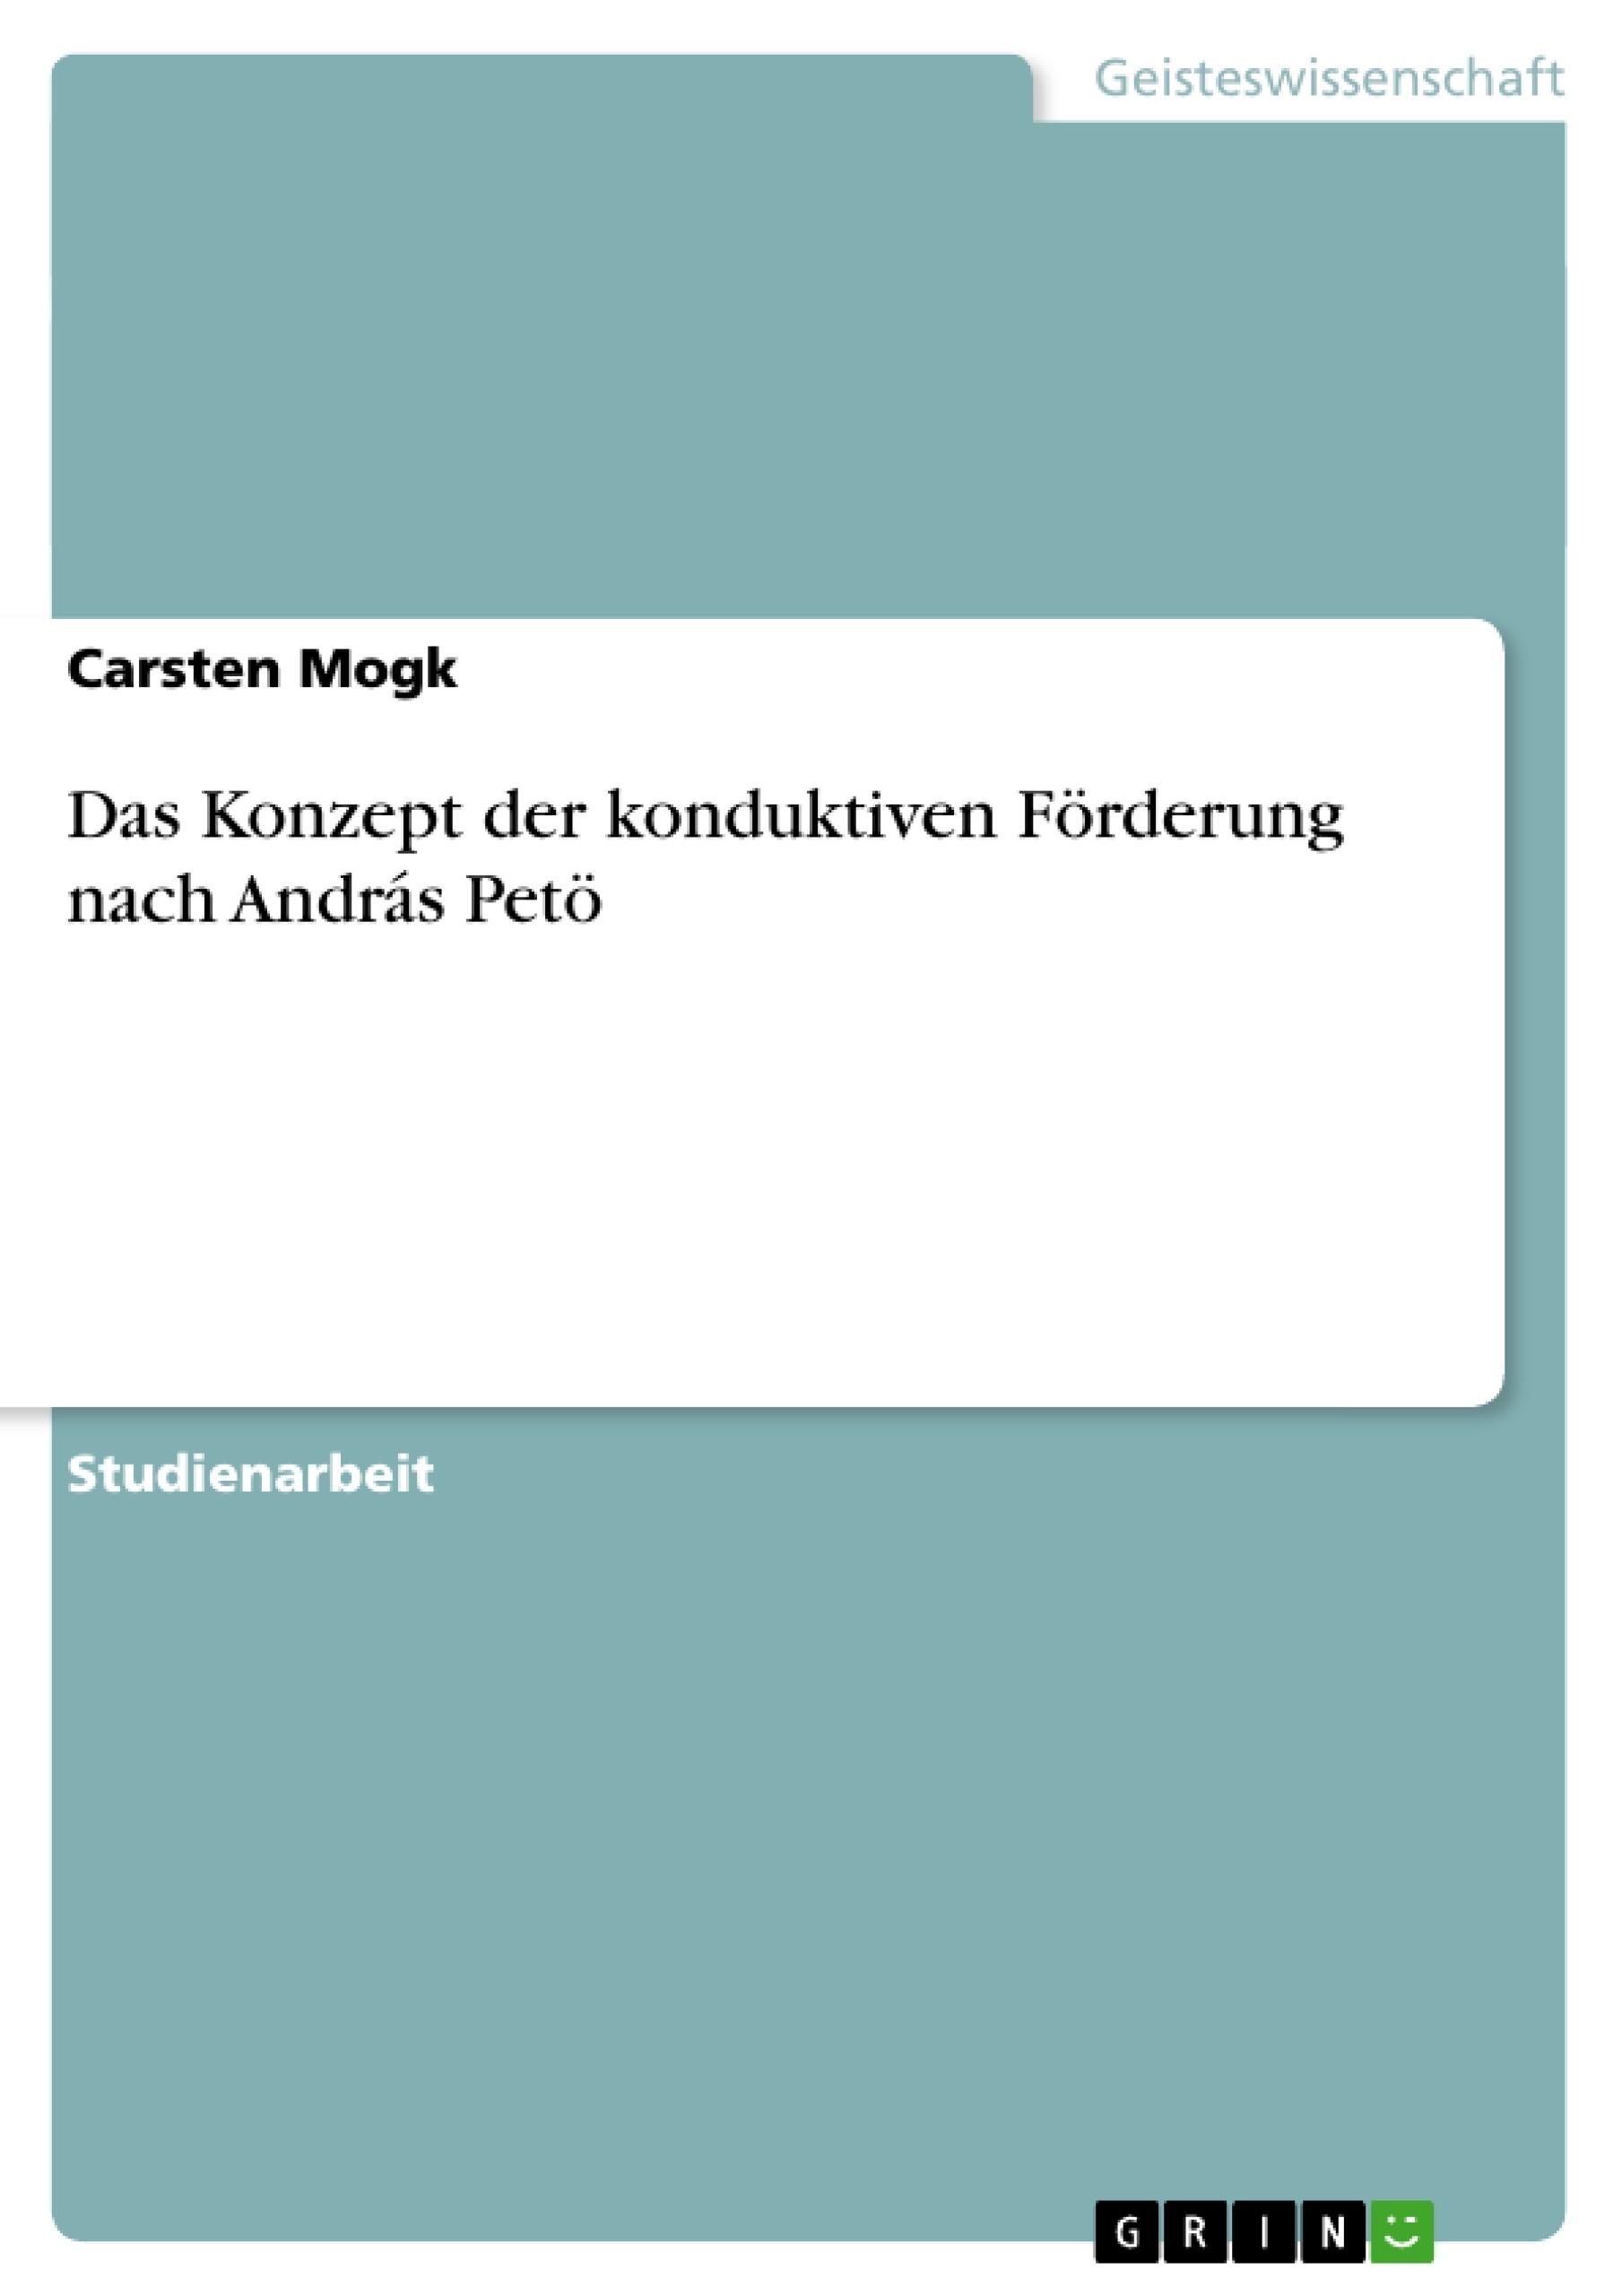 Titel: Das Konzept der konduktiven Förderung nach András Petö